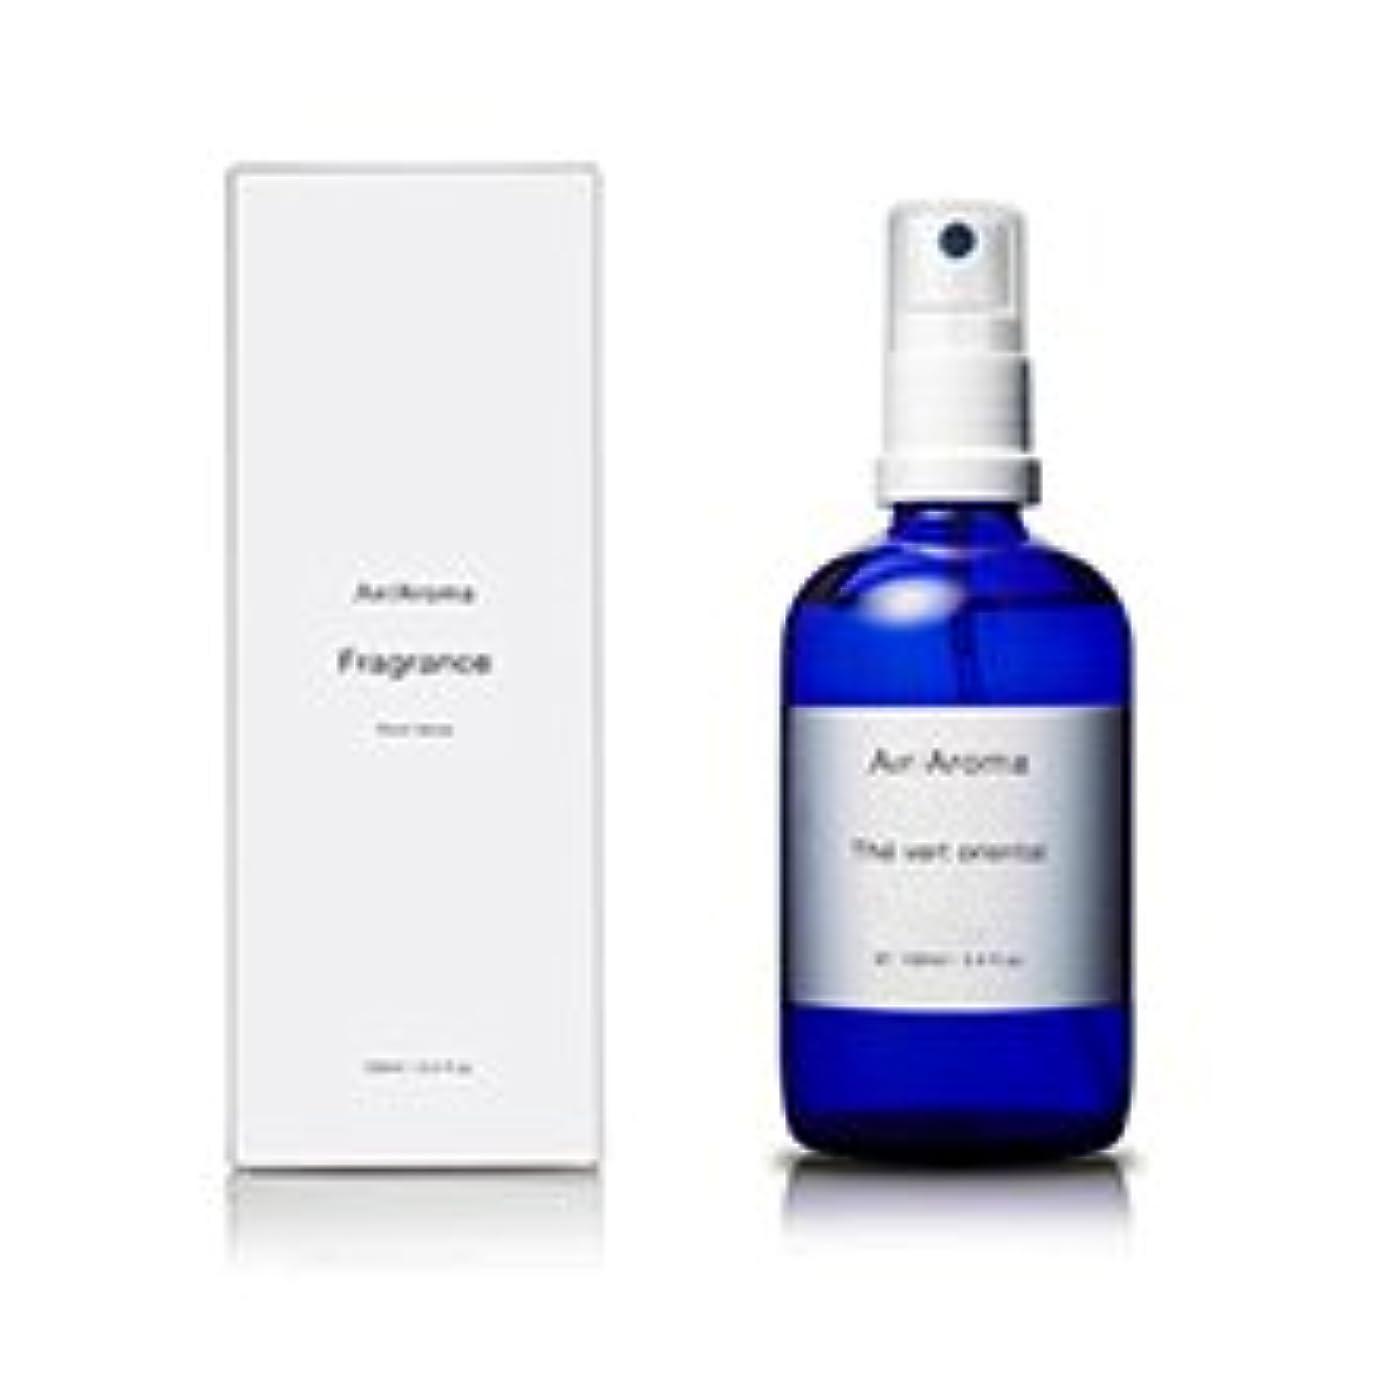 スイ一人で迫害エアアロマ the vert oriental room fragrance(テヴェールオリエンタル ルームフレグランス) 100ml